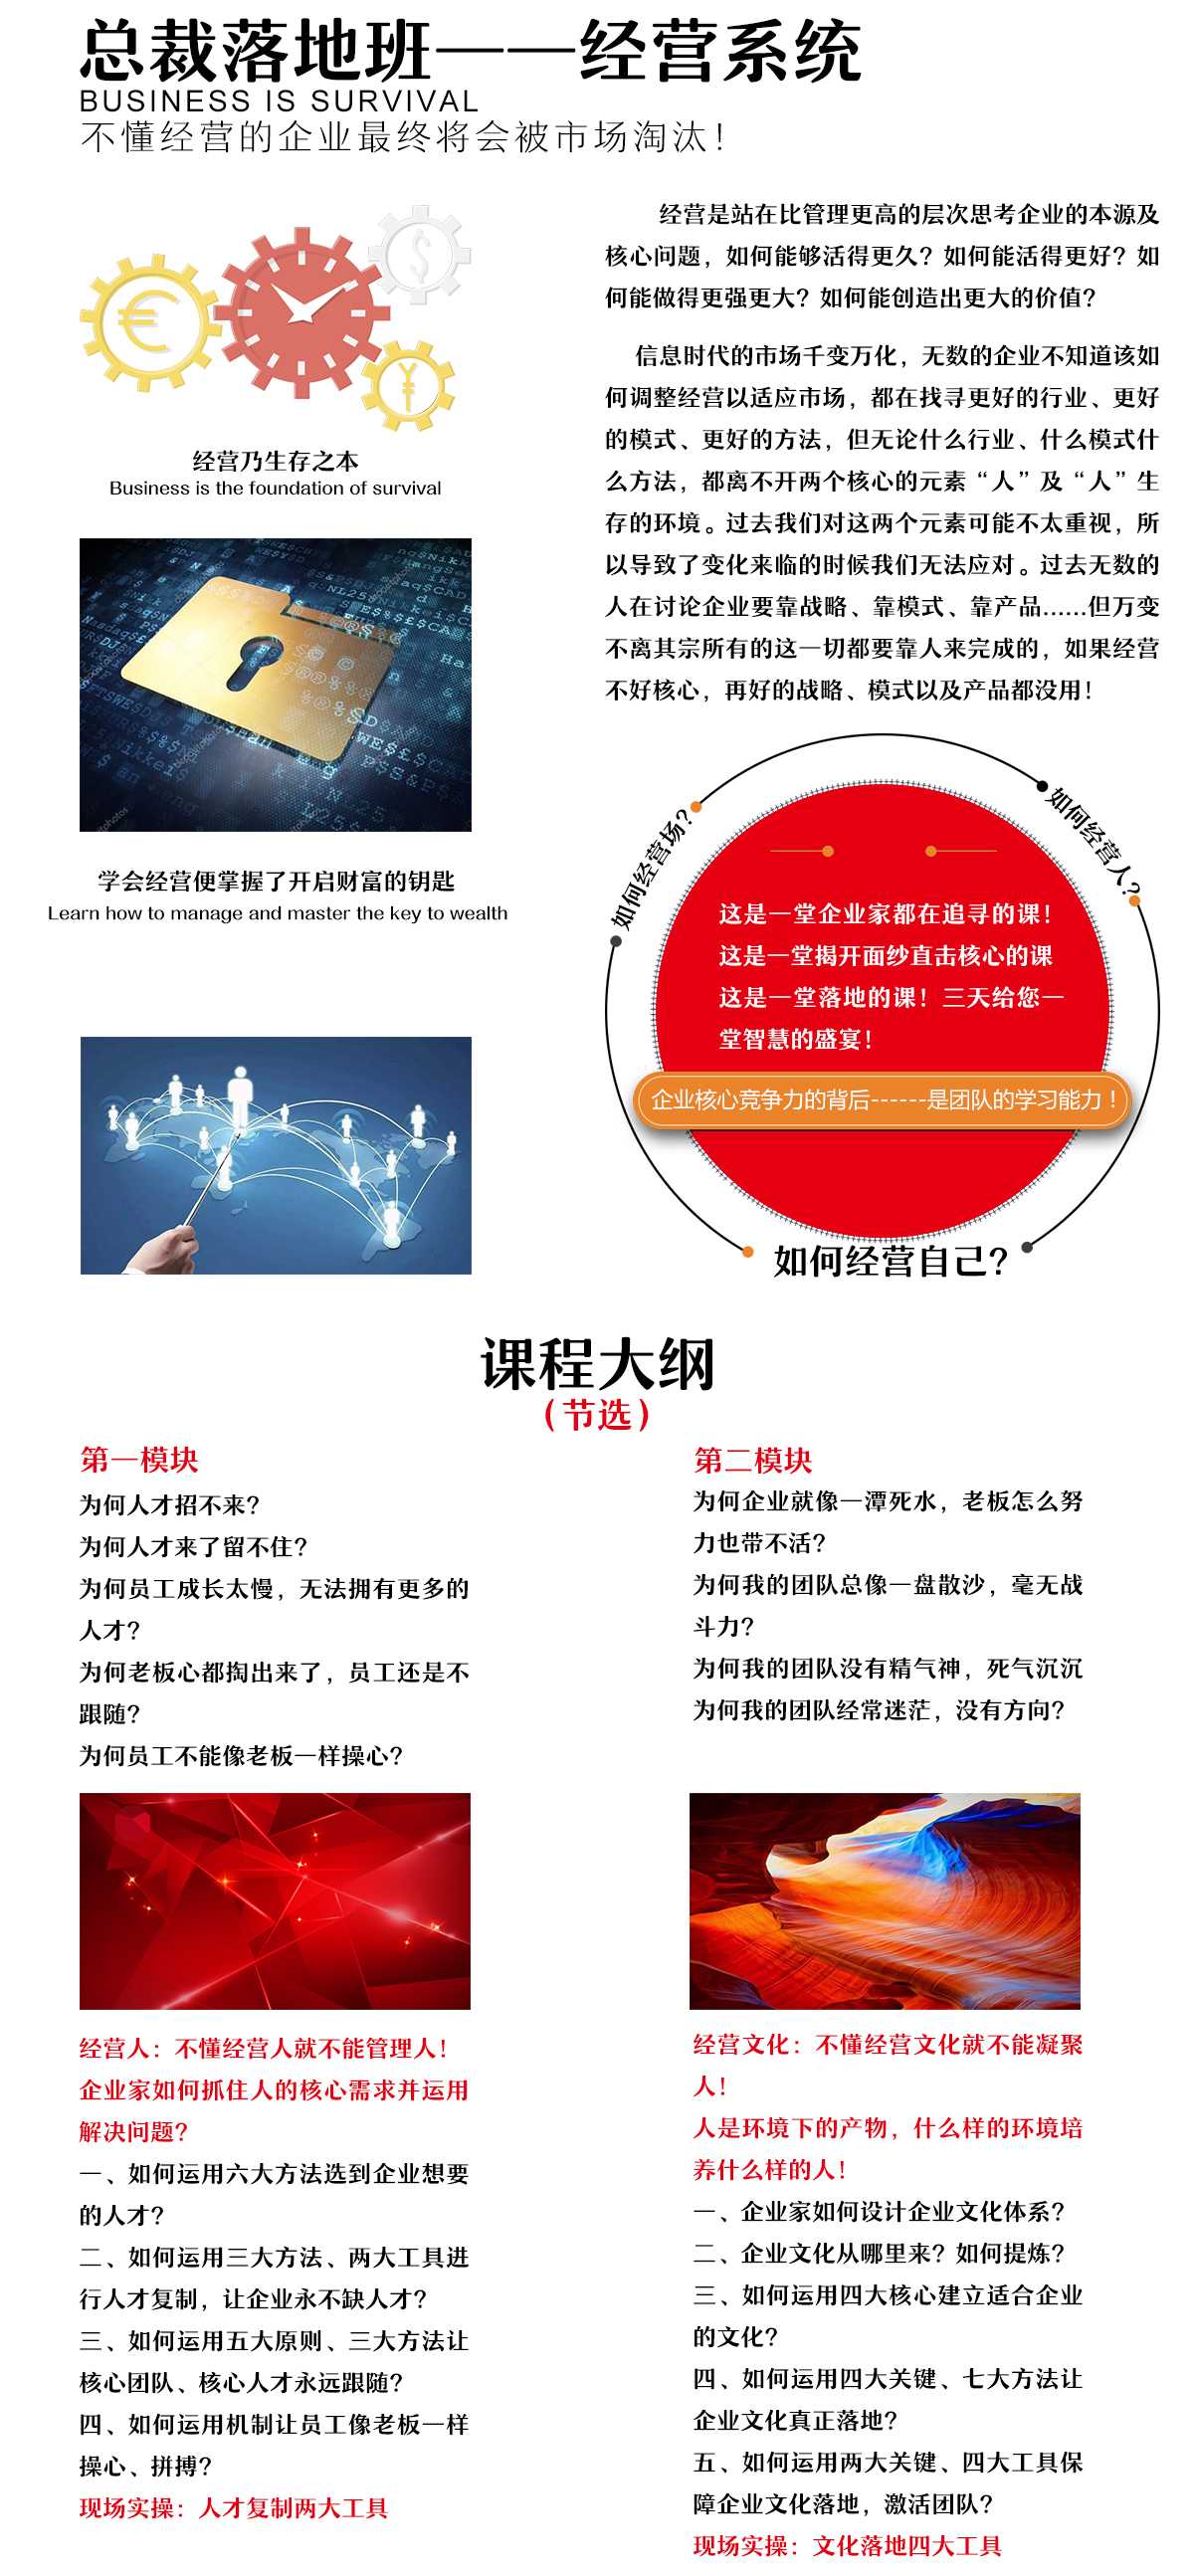 贵阳企业管理咨询